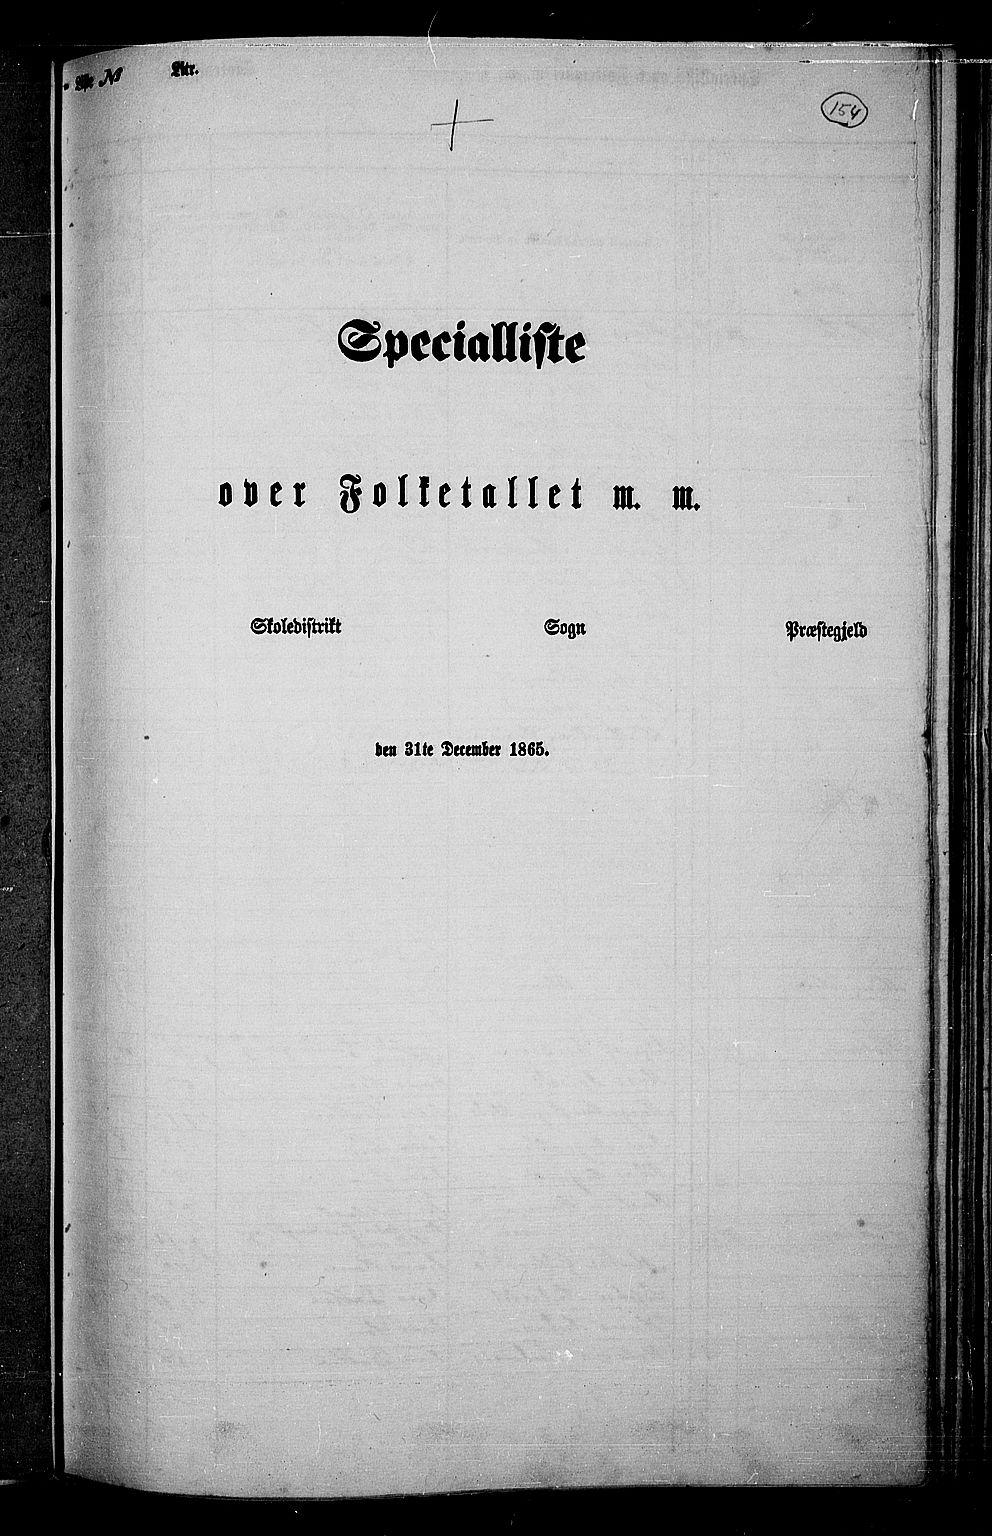 RA, Folketelling 1865 for 0532P Jevnaker prestegjeld, 1865, s. 143